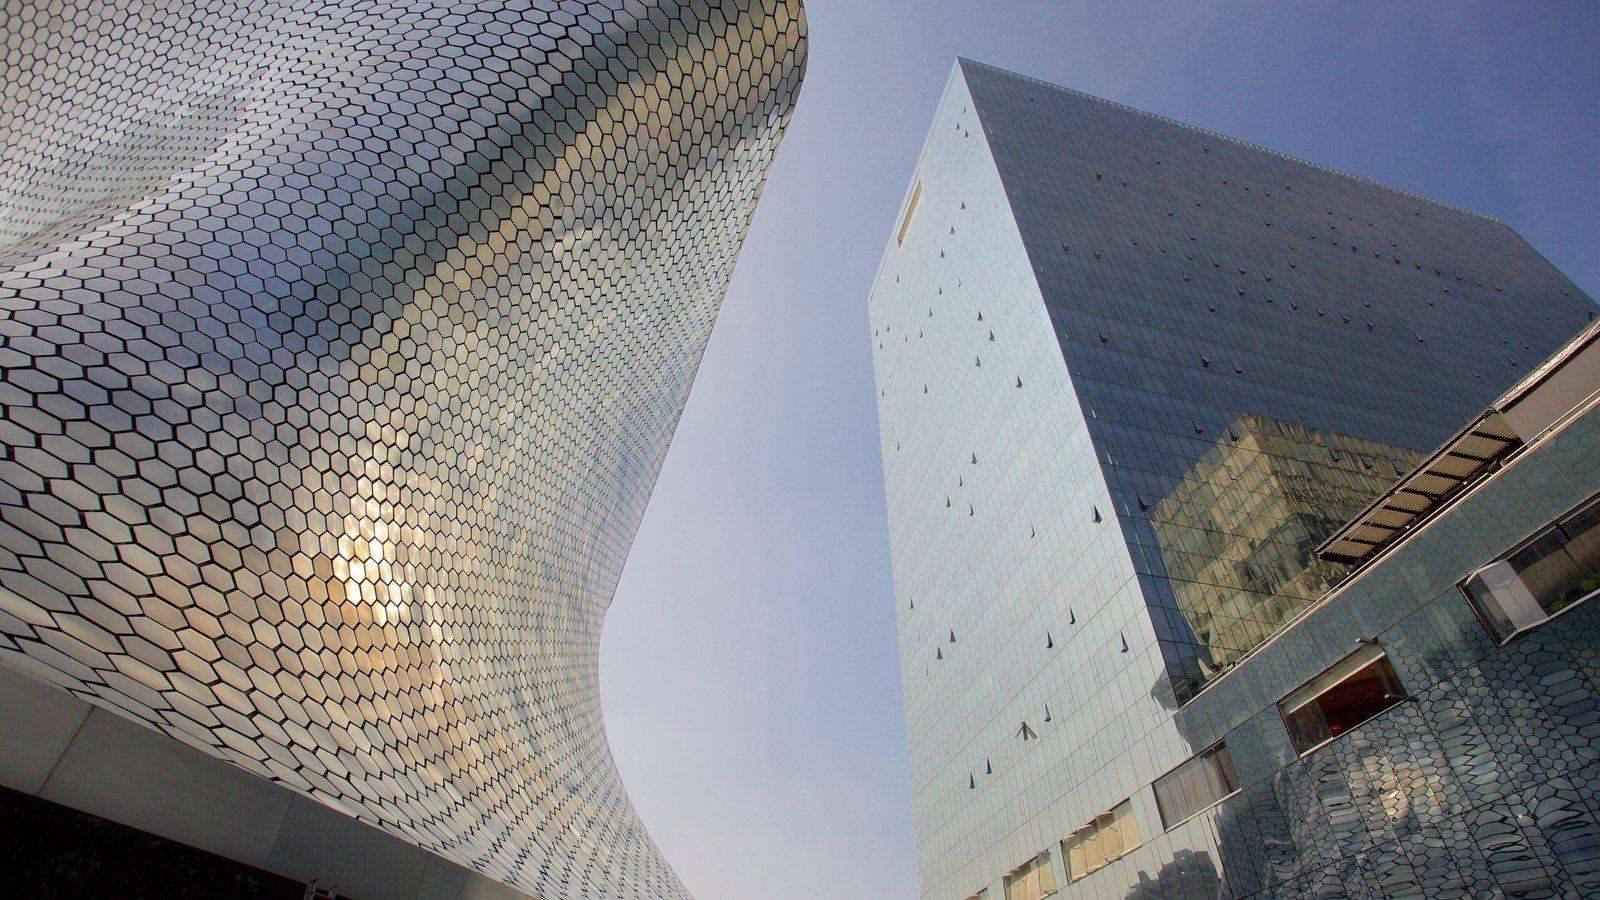 Museo Soumaya featuring modern architecture